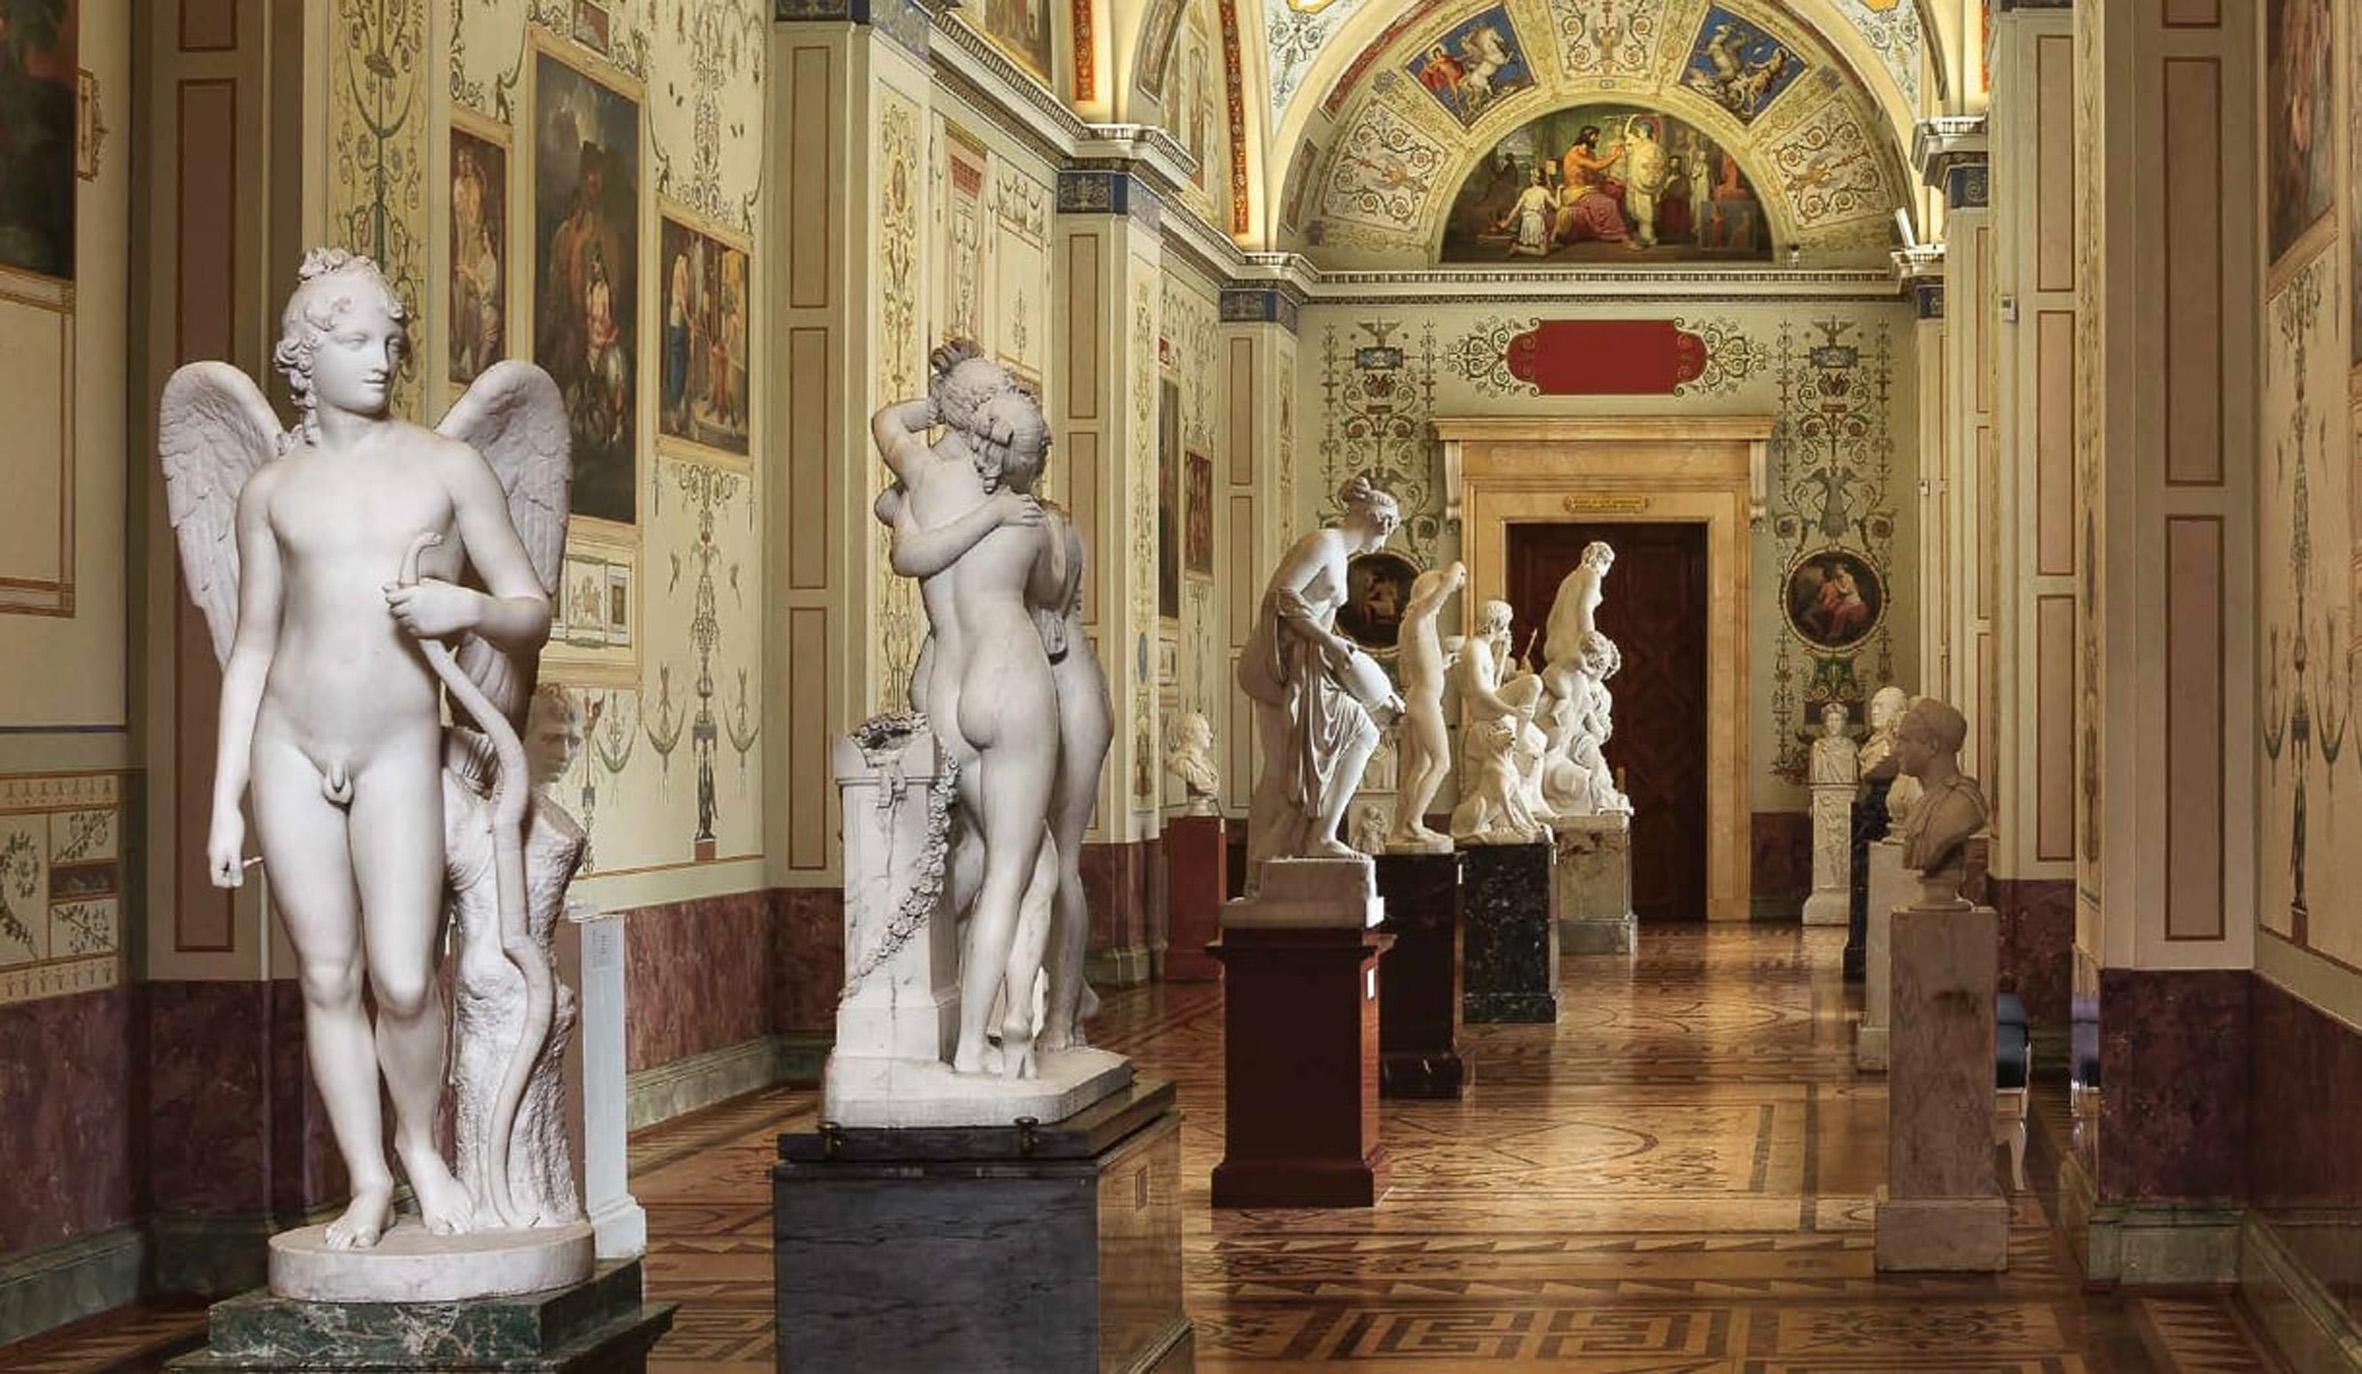 A művészet templomai: Ermitázs – A művészet ereje előzetes